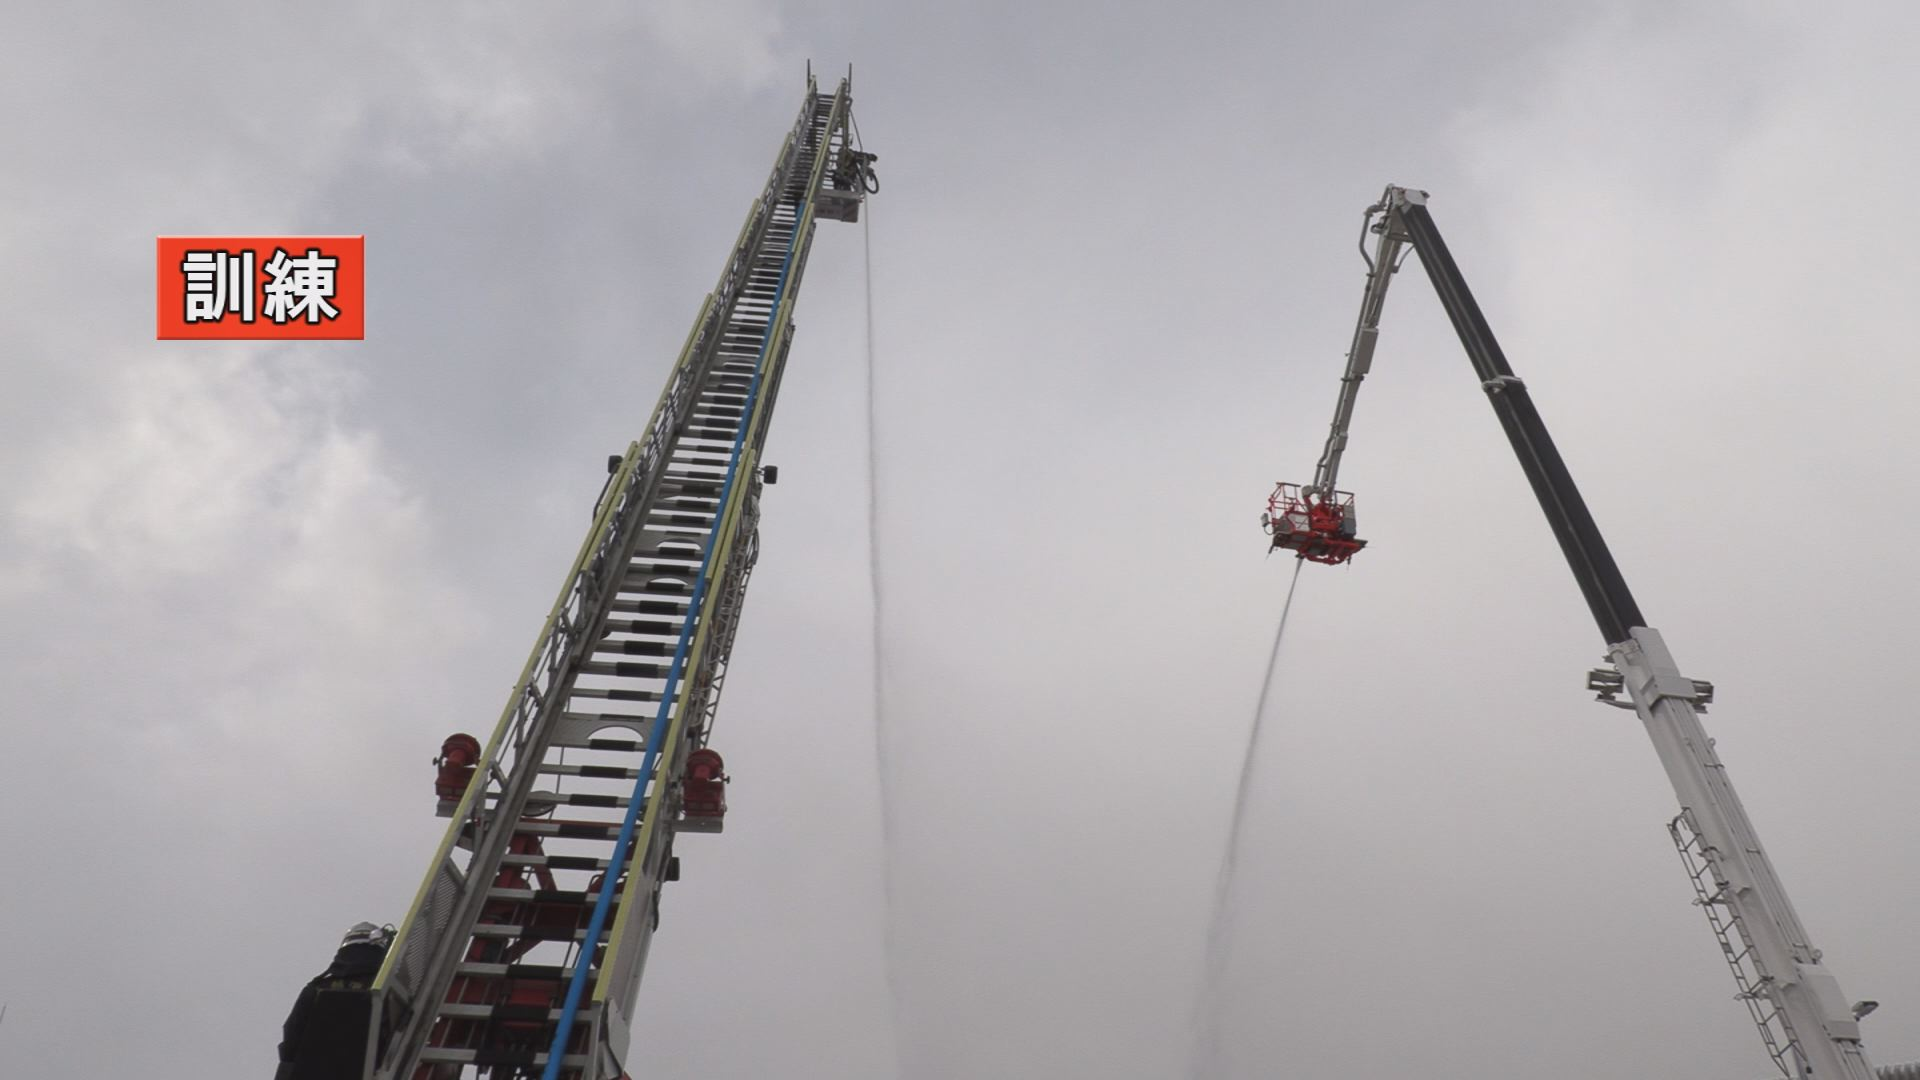 191206_金属スクラップ火災消防訓練3